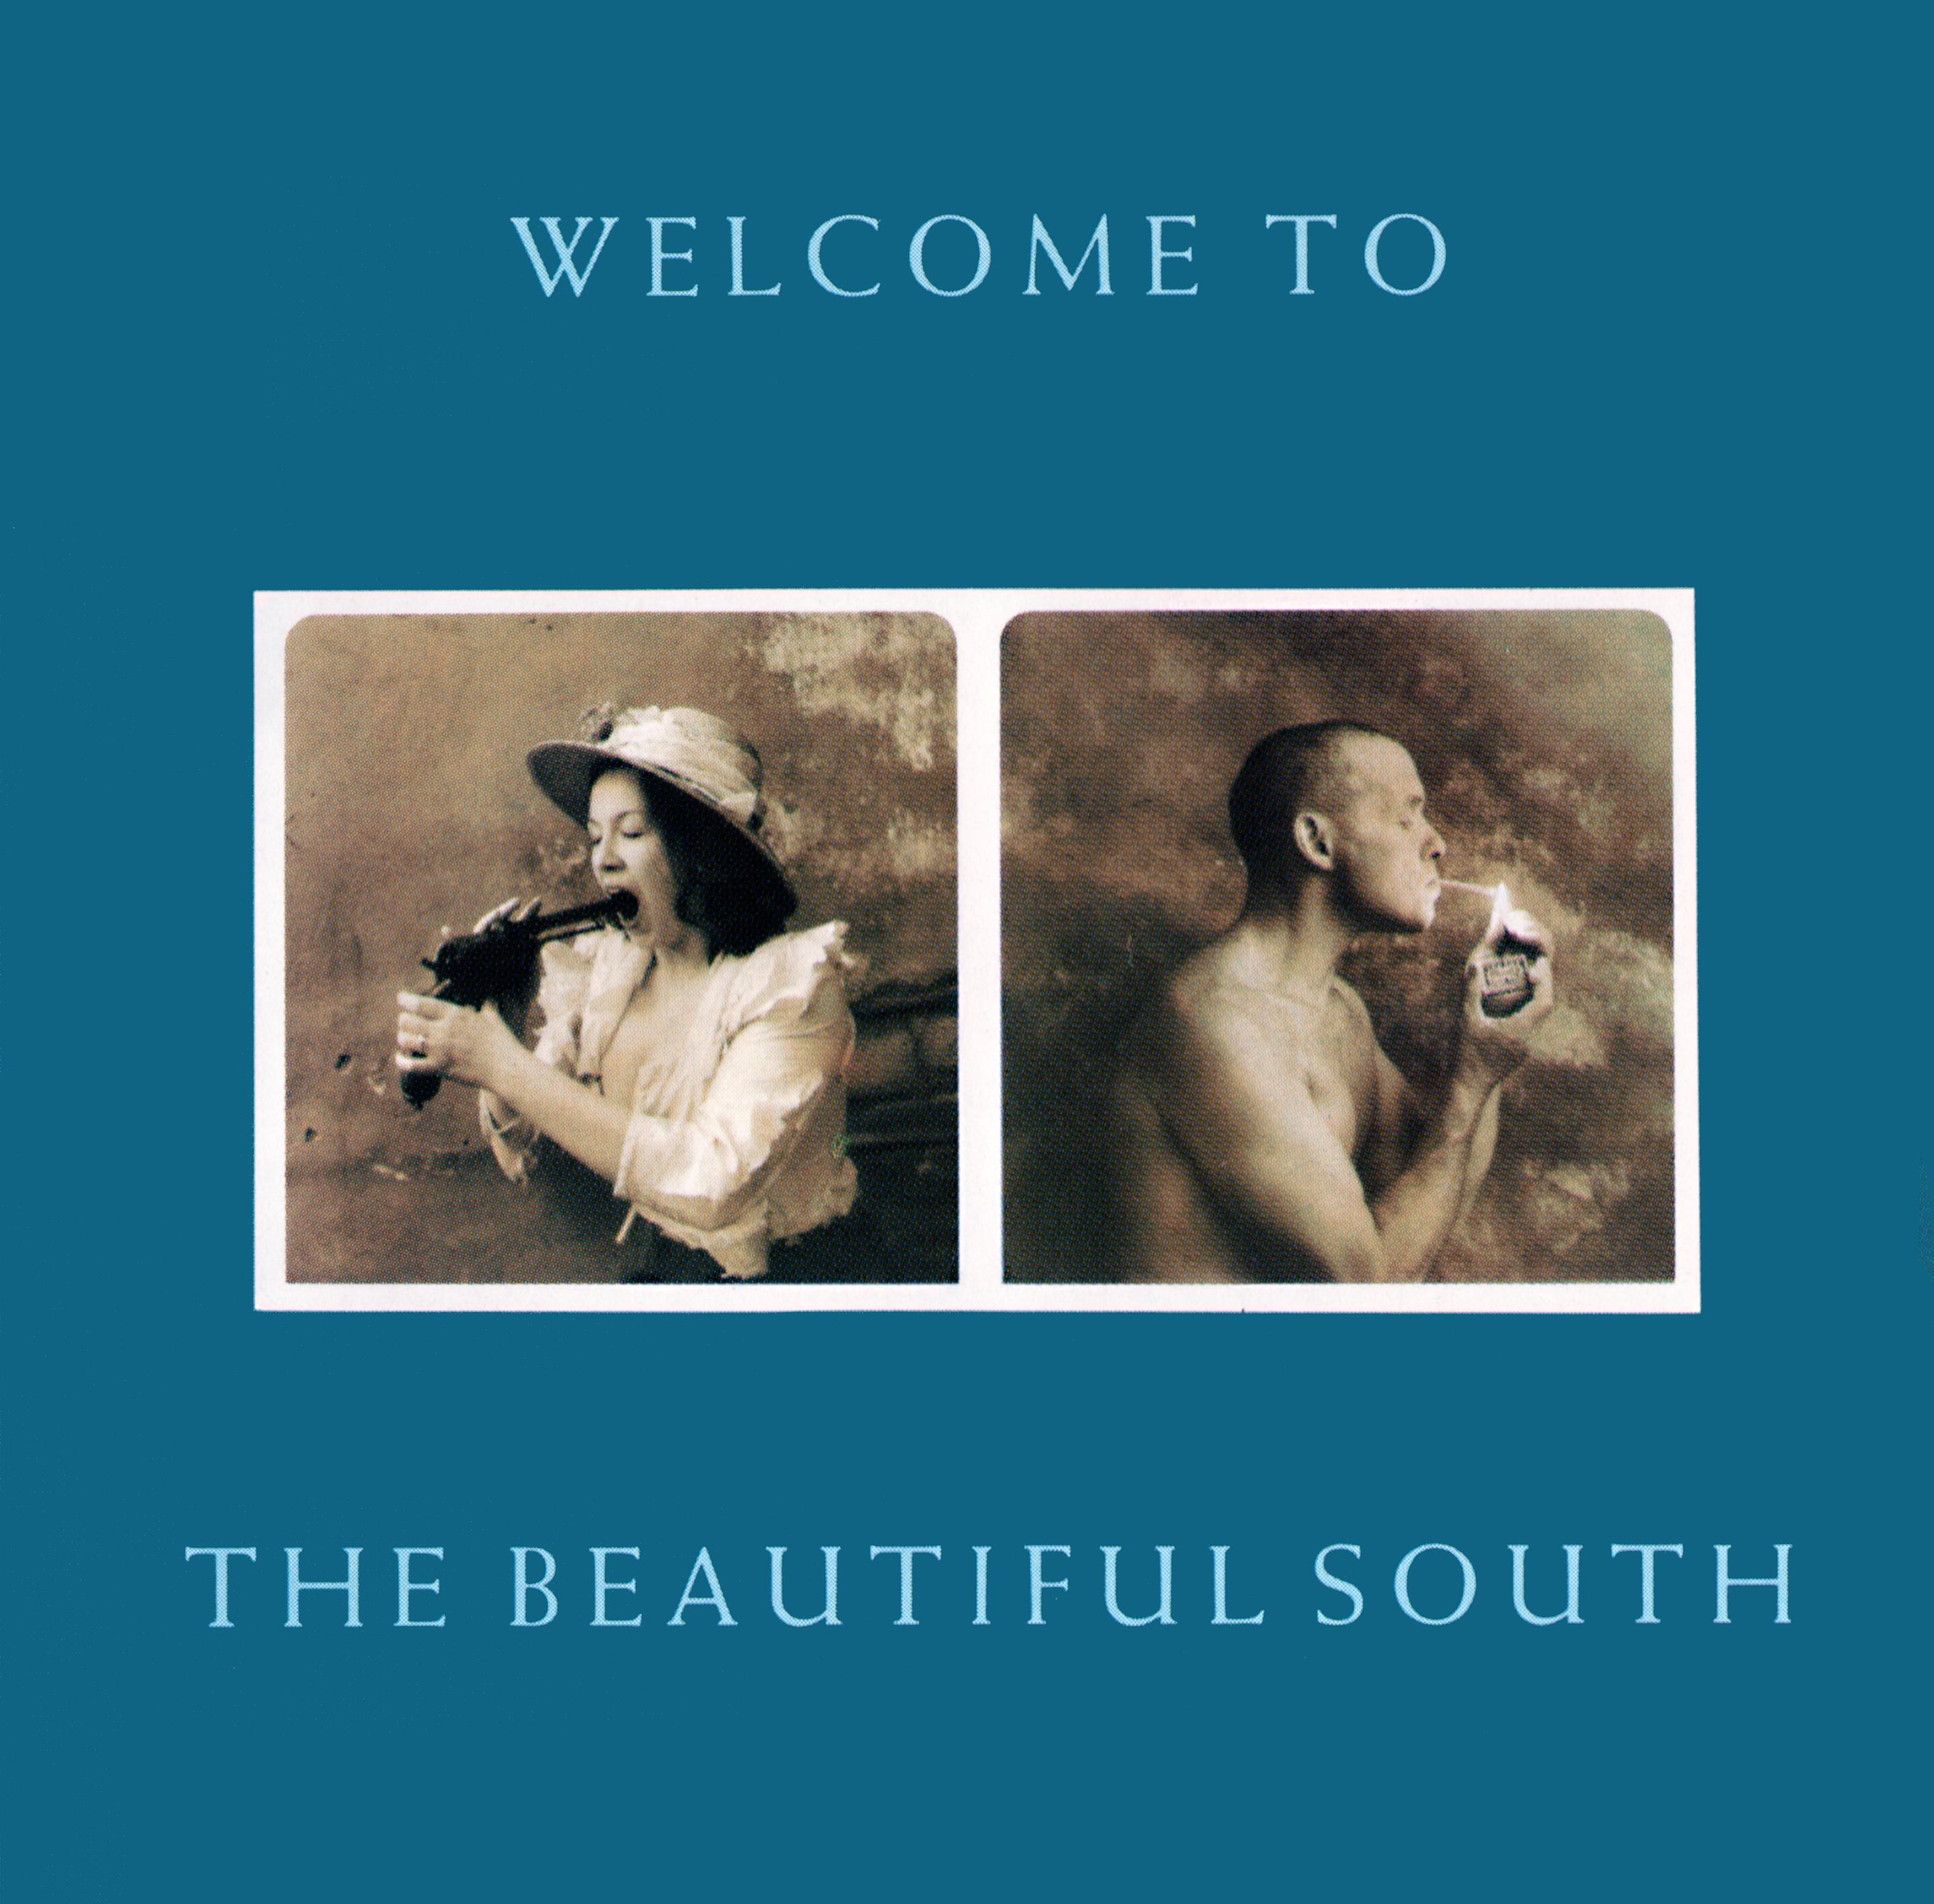 The Beautiful South (ビューティフル・サウス)』1stアルバム『Welcome To The Beautiful South (ウェルカム・トゥ・ザ・ビューティフル・サウス)』(再発盤) 高画質CDジャケット画像 (ジャケ写)